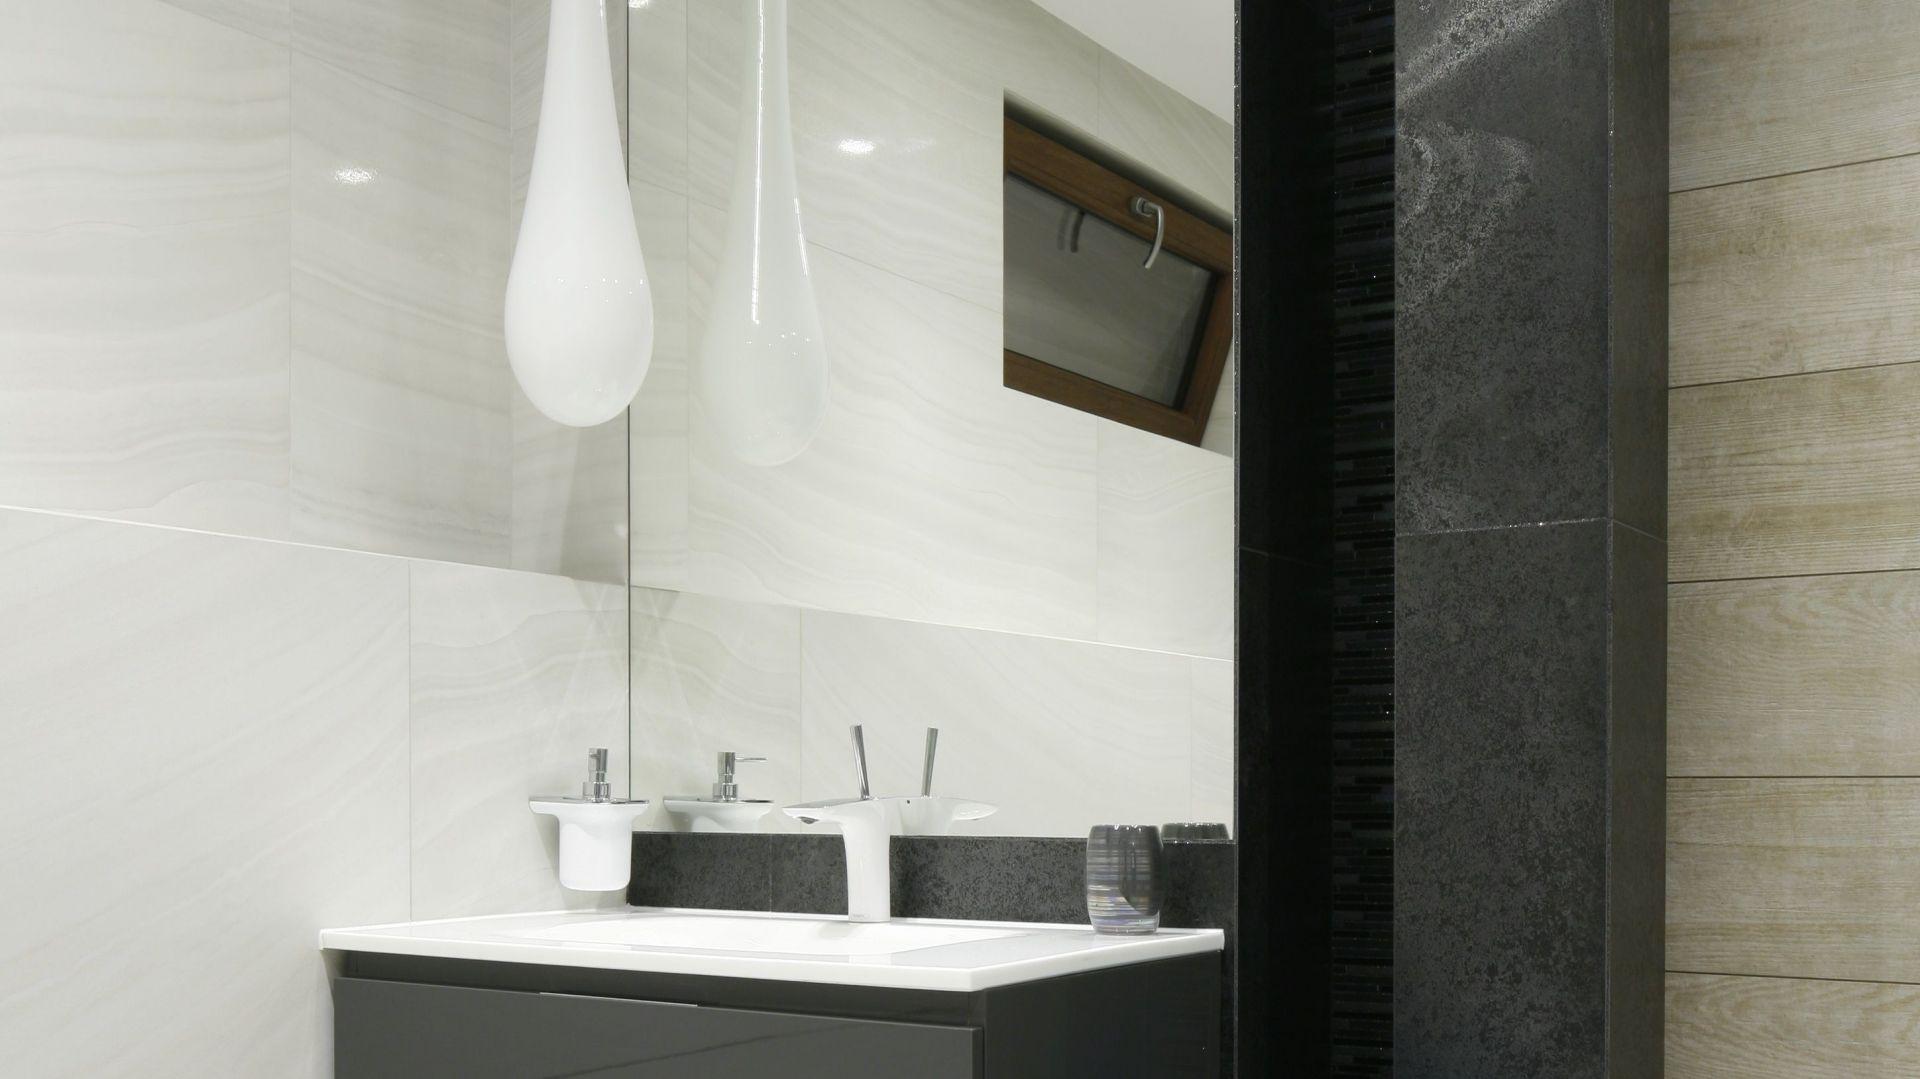 Pomysł na szafkę pod umywalkę. Proj. Marta Kilan. Fot. Bartosz Jarosz